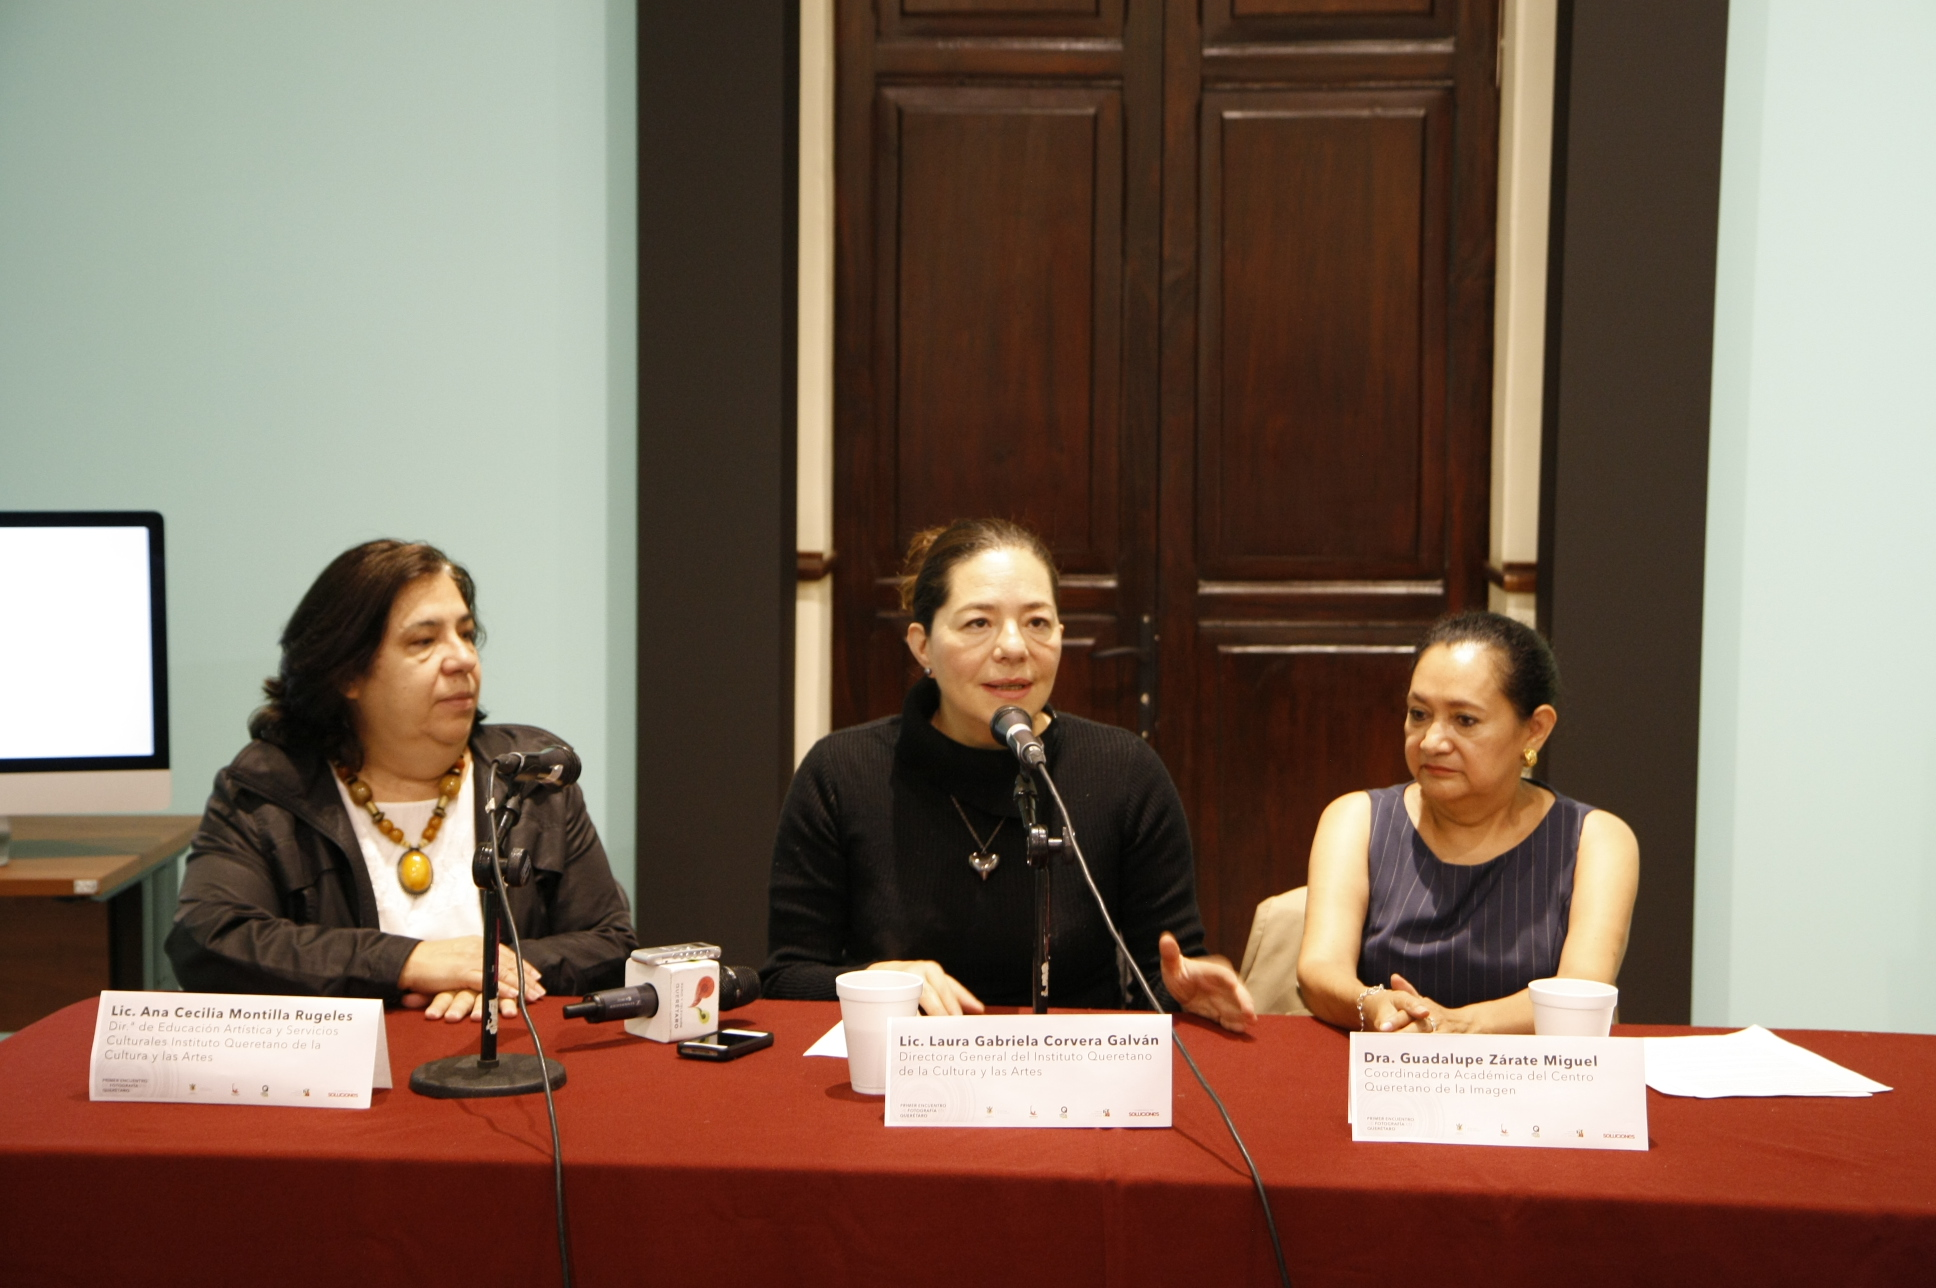 Se llevará a cabo el Primer Encuentro de Fotografía en Querétaro